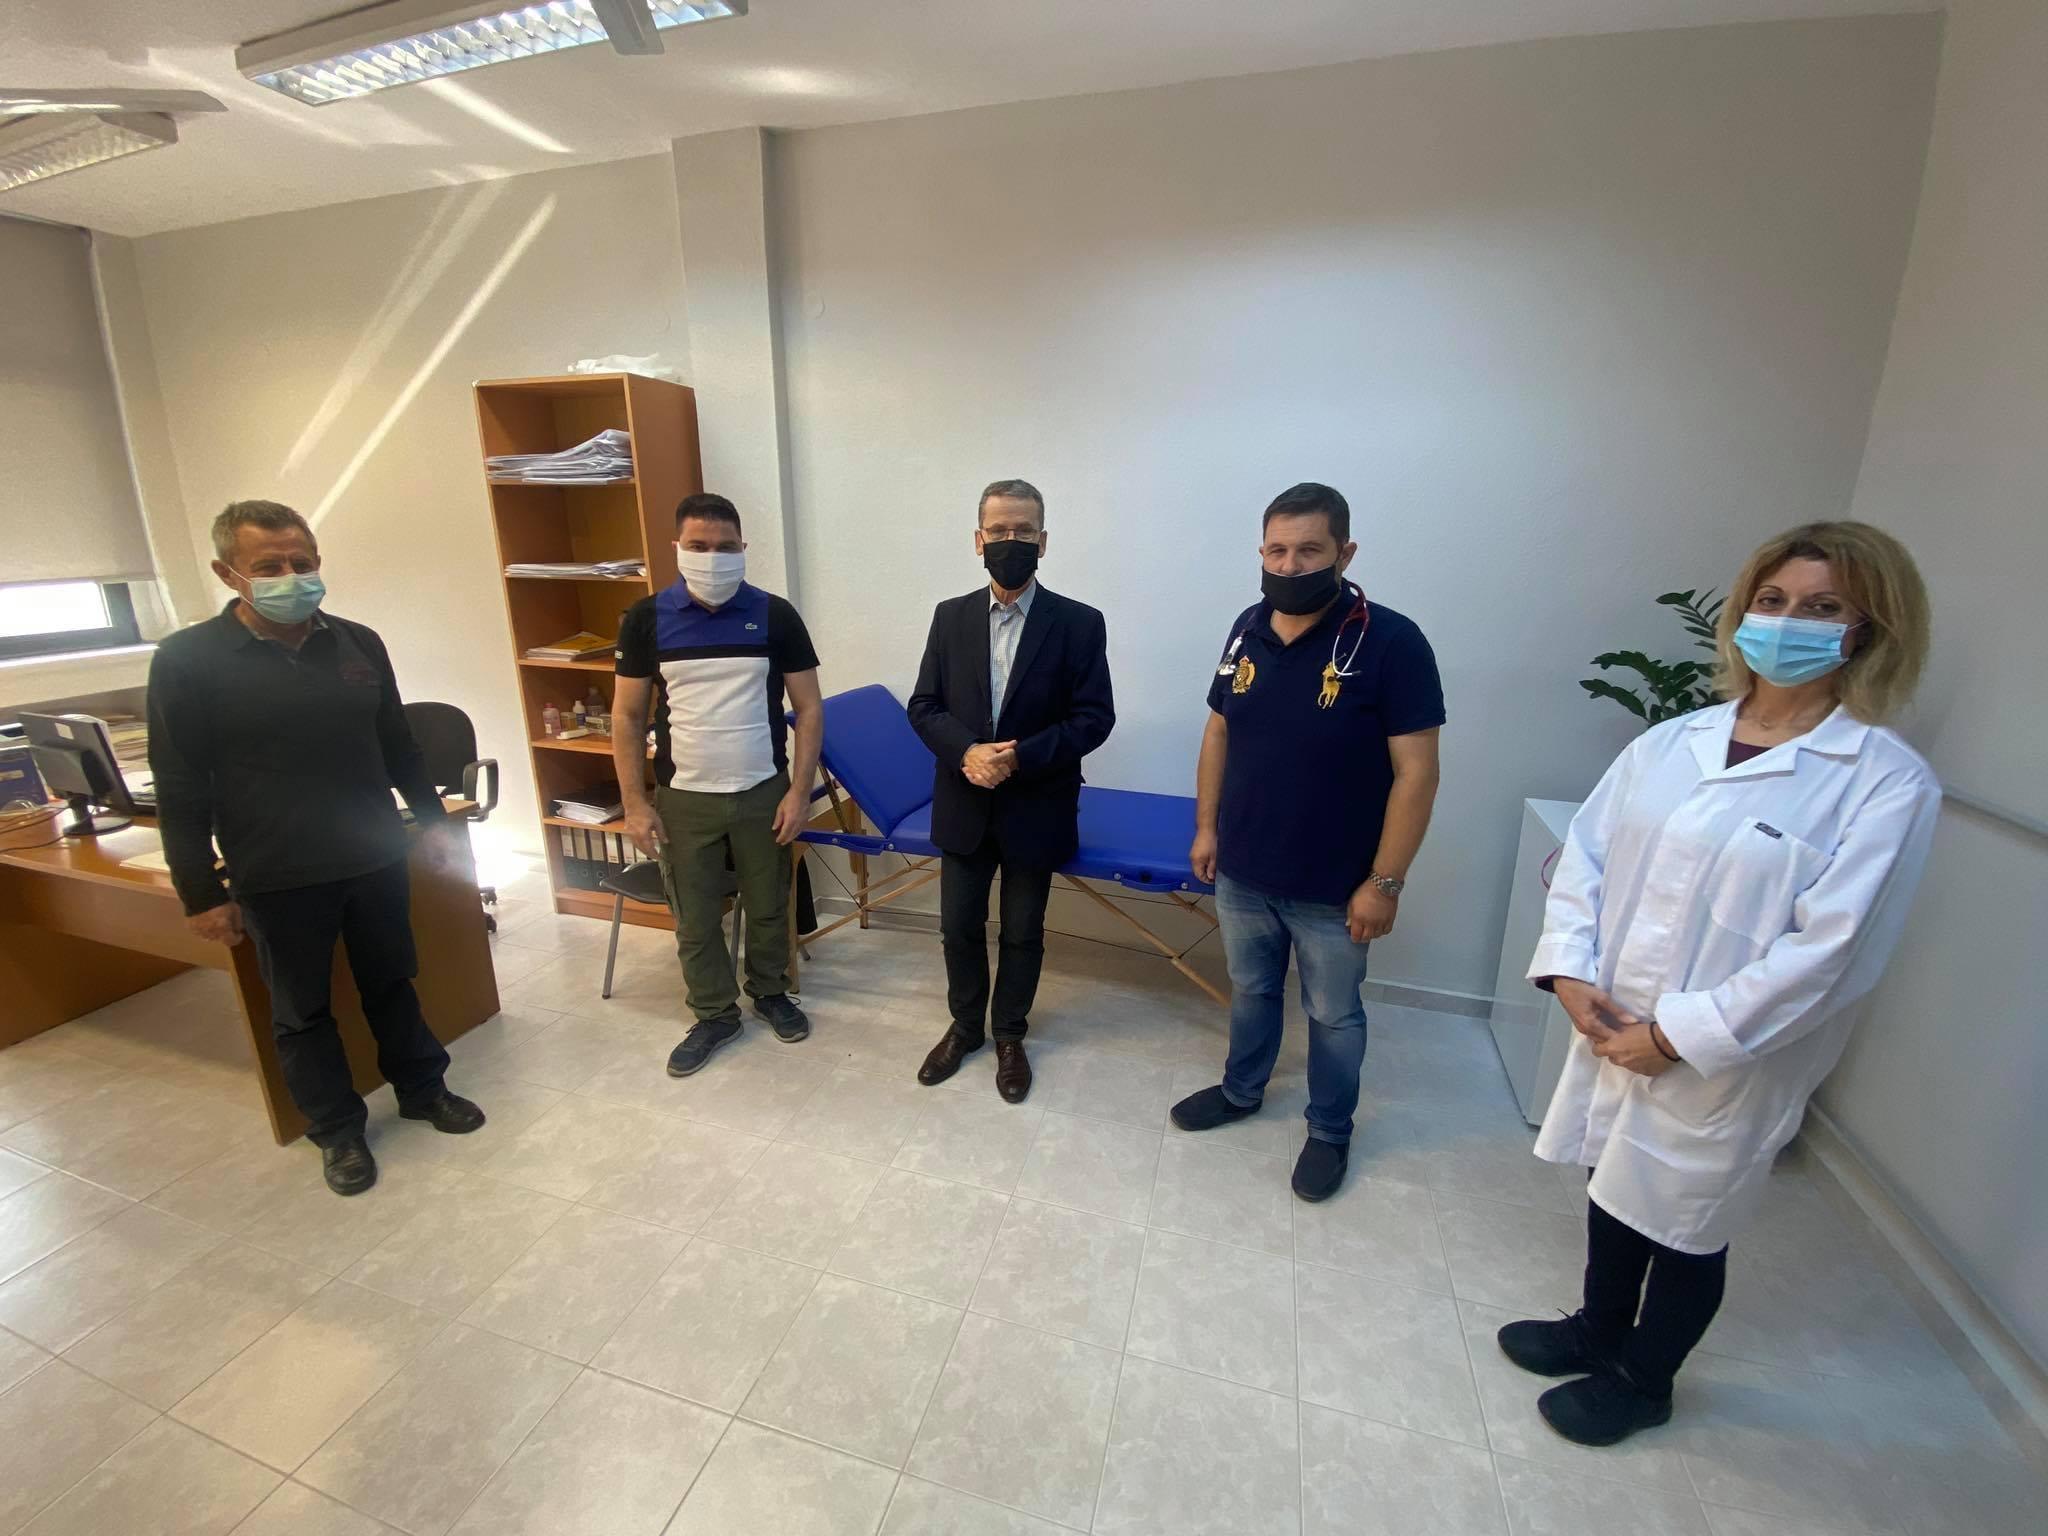 Ιατρείο Εργαζομένων ίδρυσε ο Δήμος Κοζάνης – Δωρεάν υπηρεσίες υγείας για τους υπαλλήλους